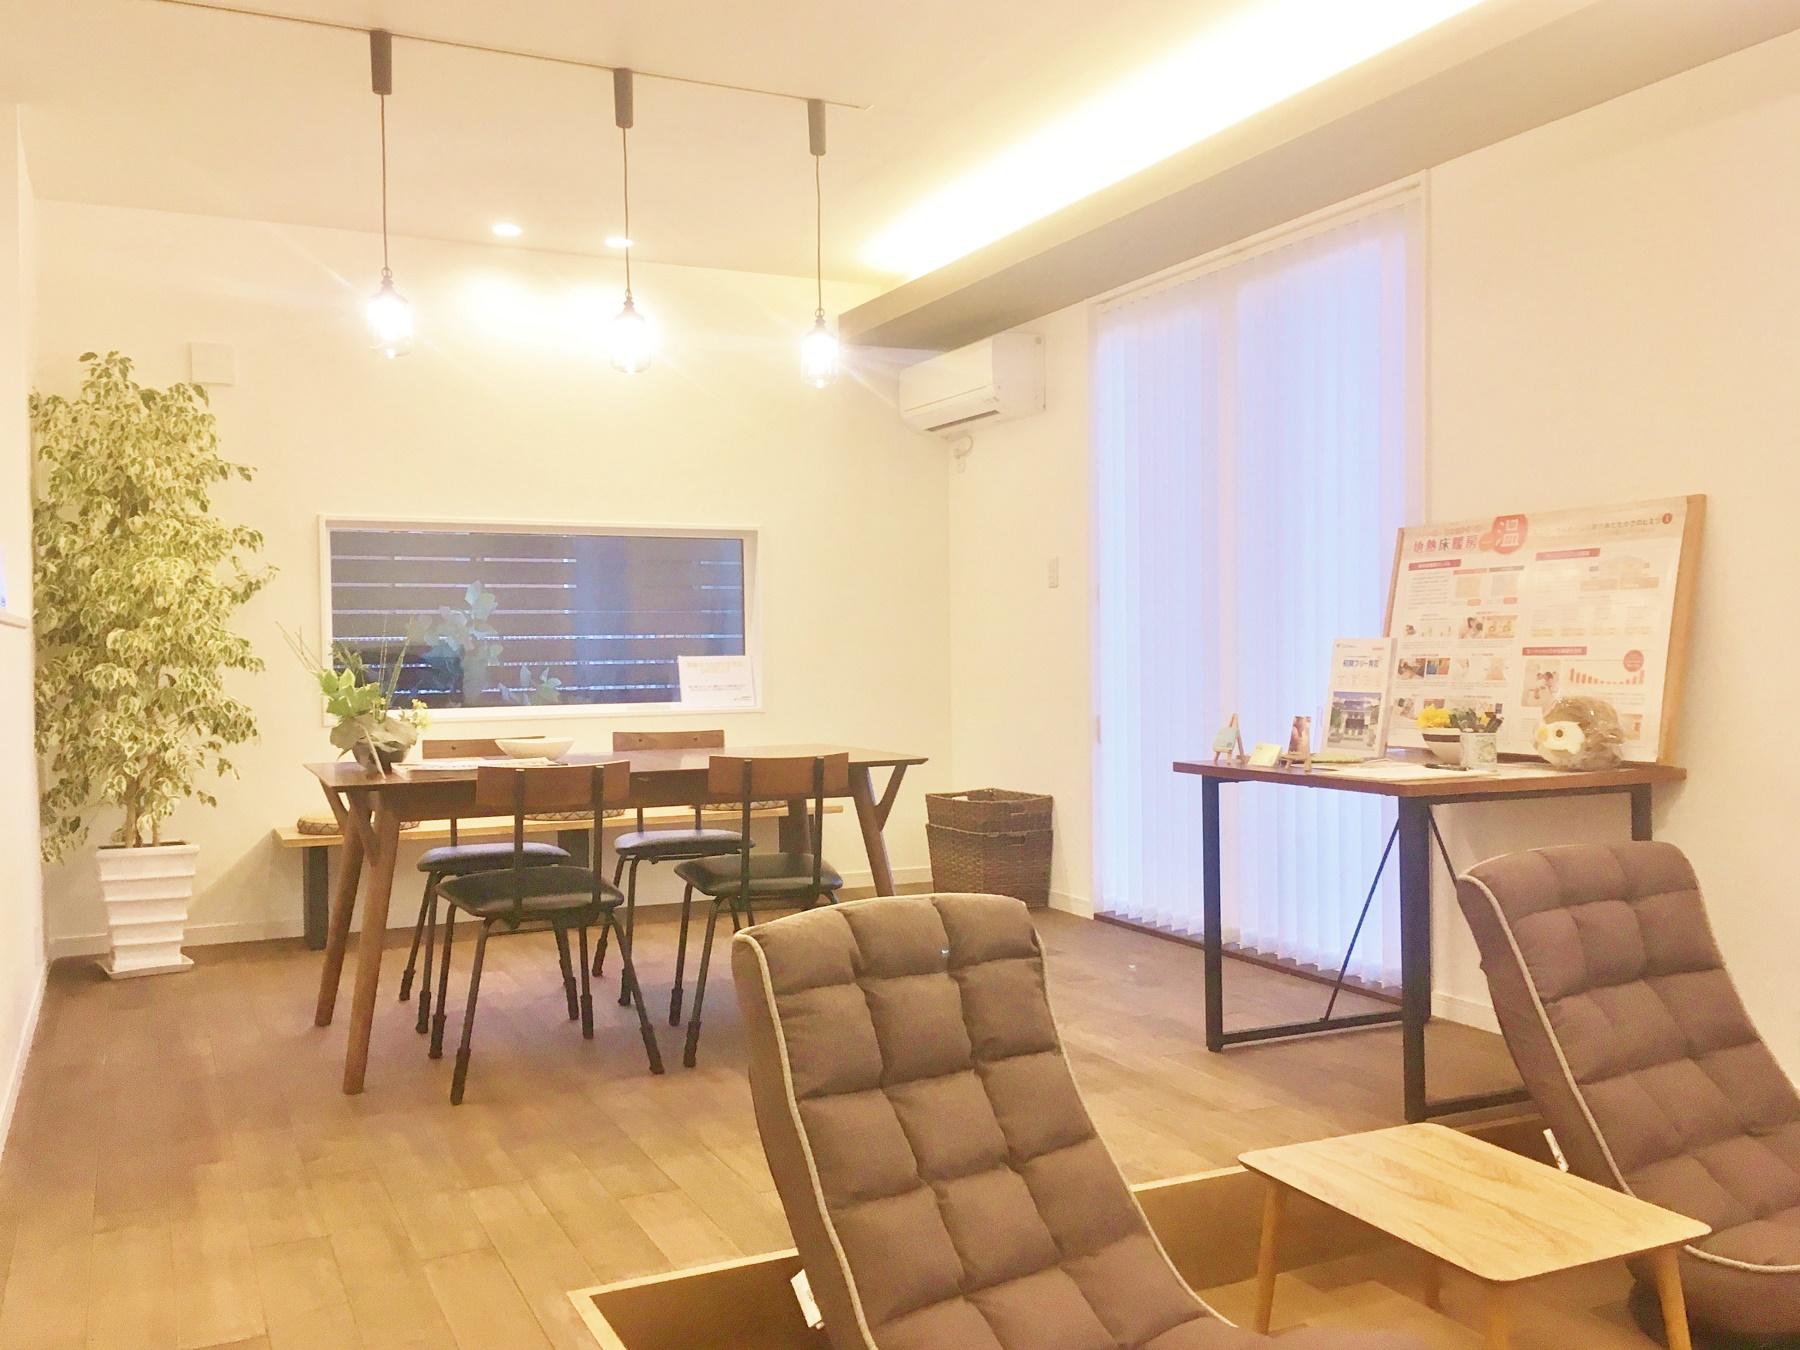 家でCafeを体感できる空間を創り出しました。